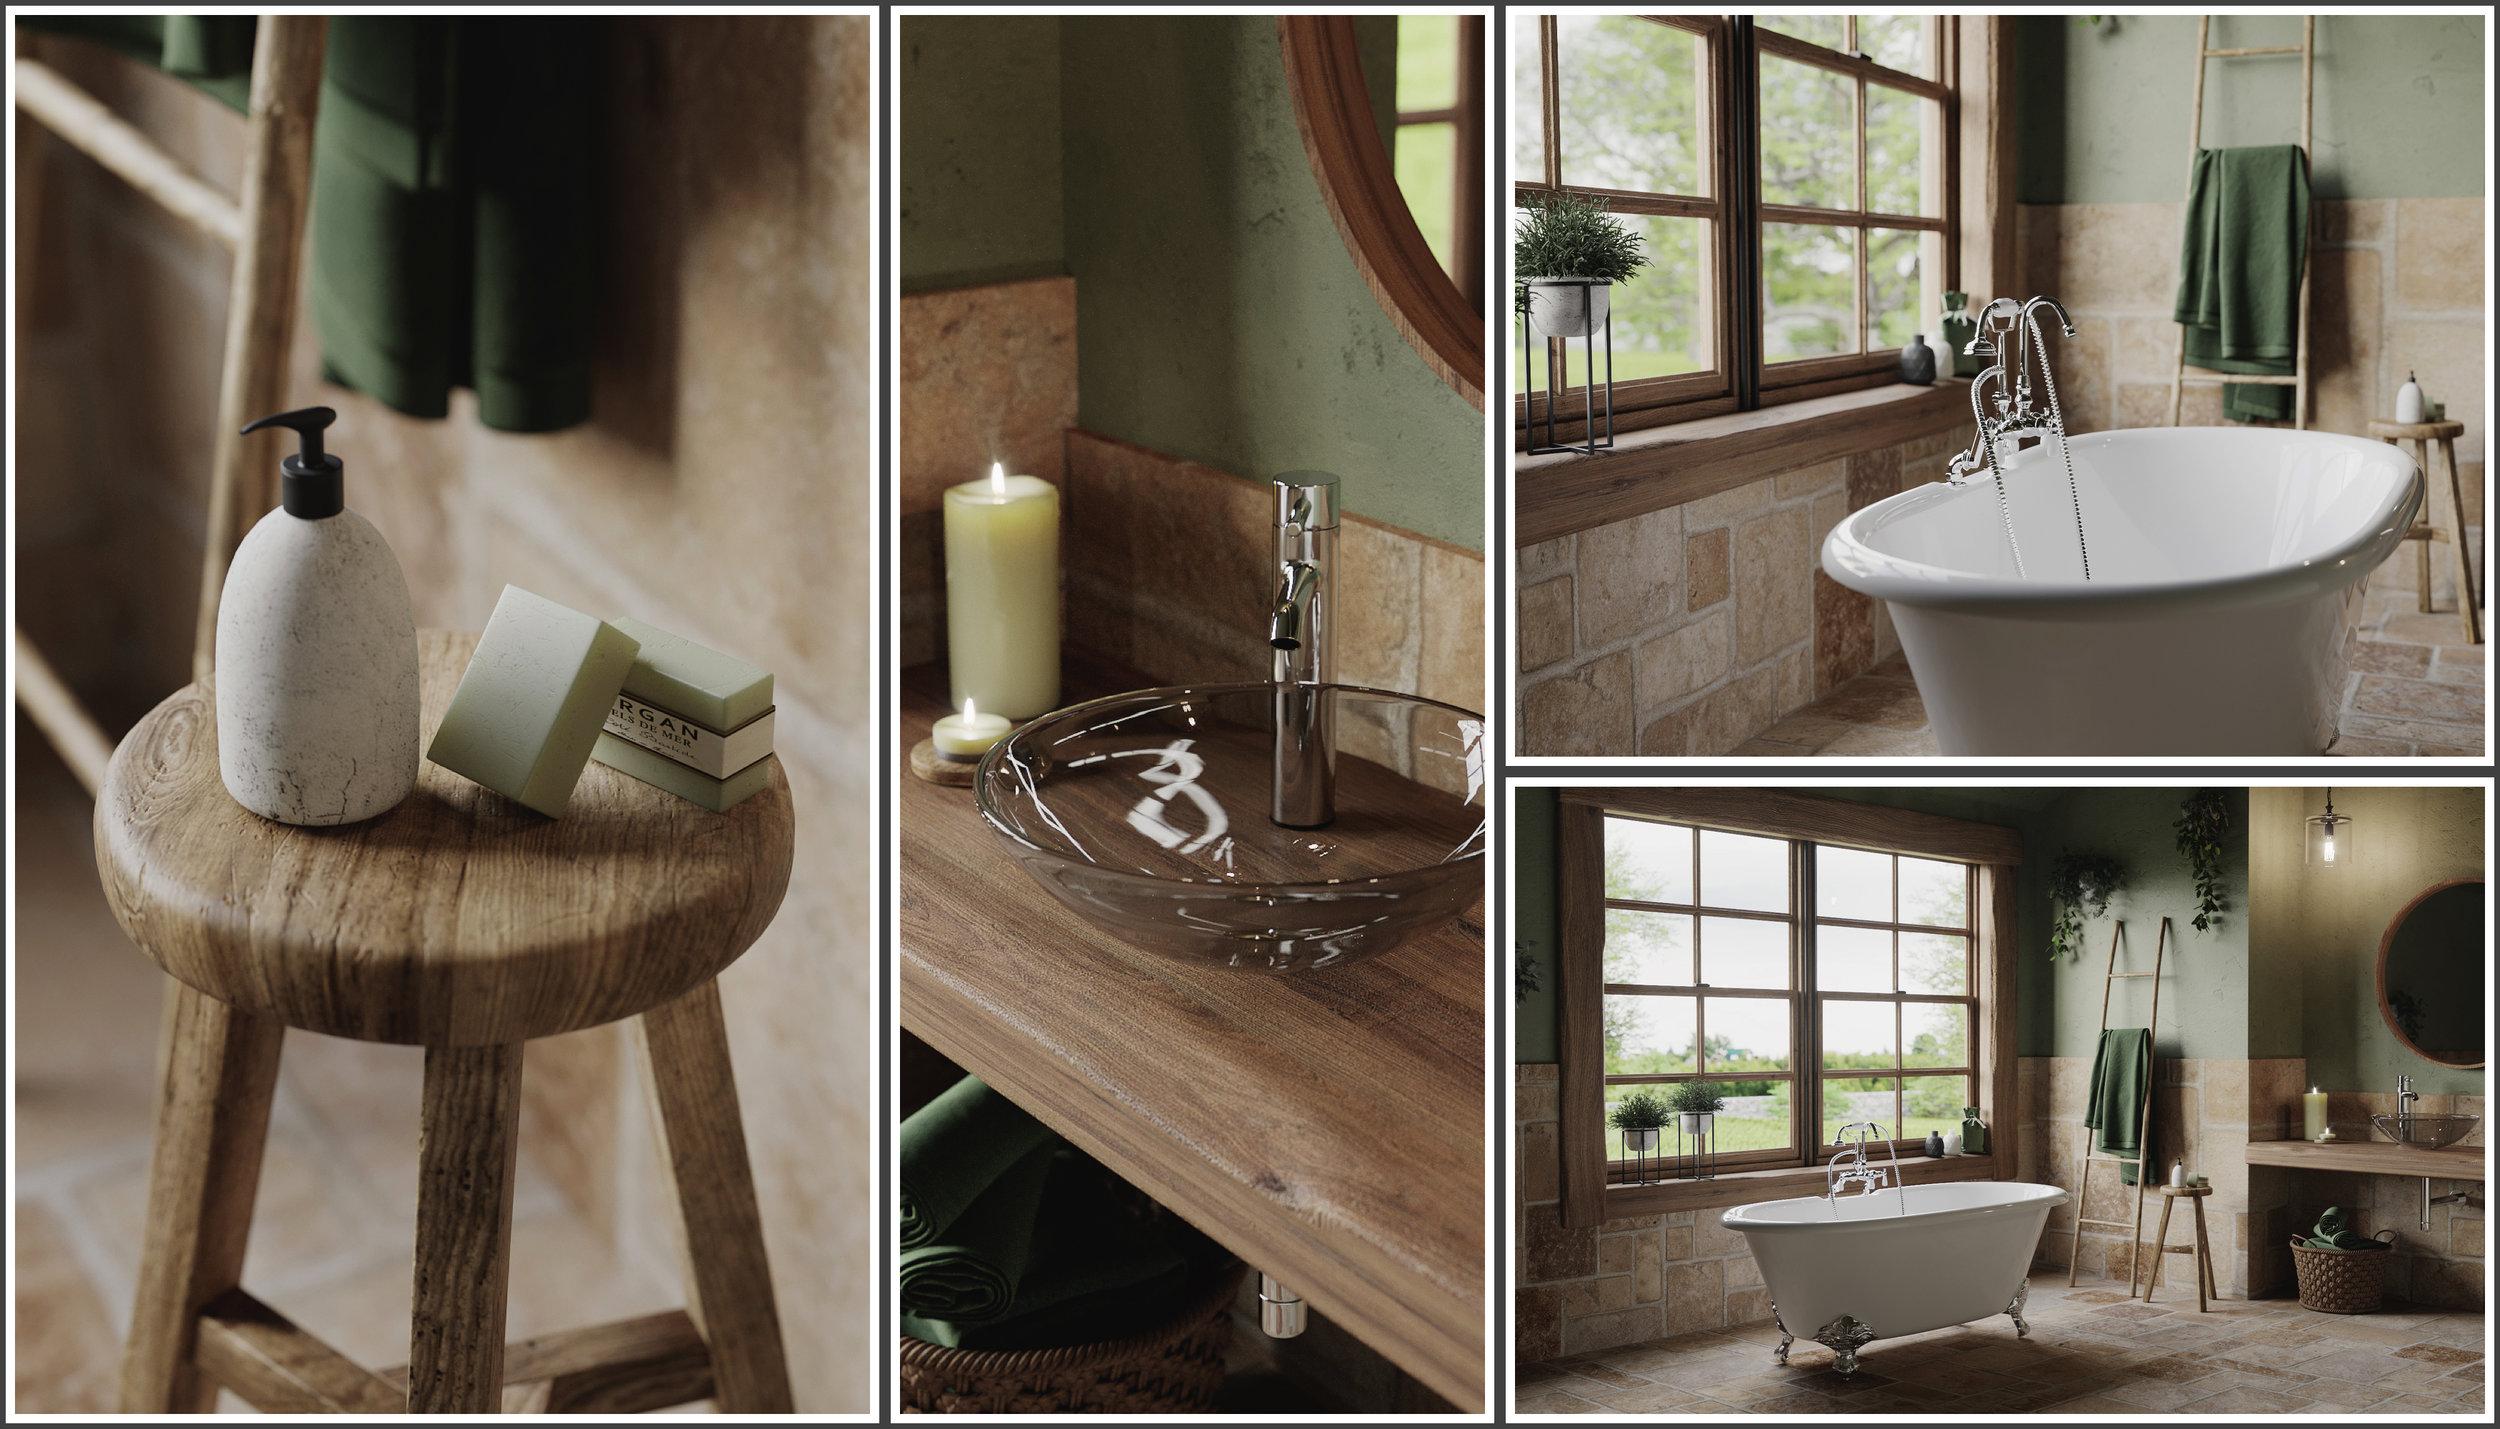 Denver Bathroom Mockup Reimagined - 4 Collage.jpg